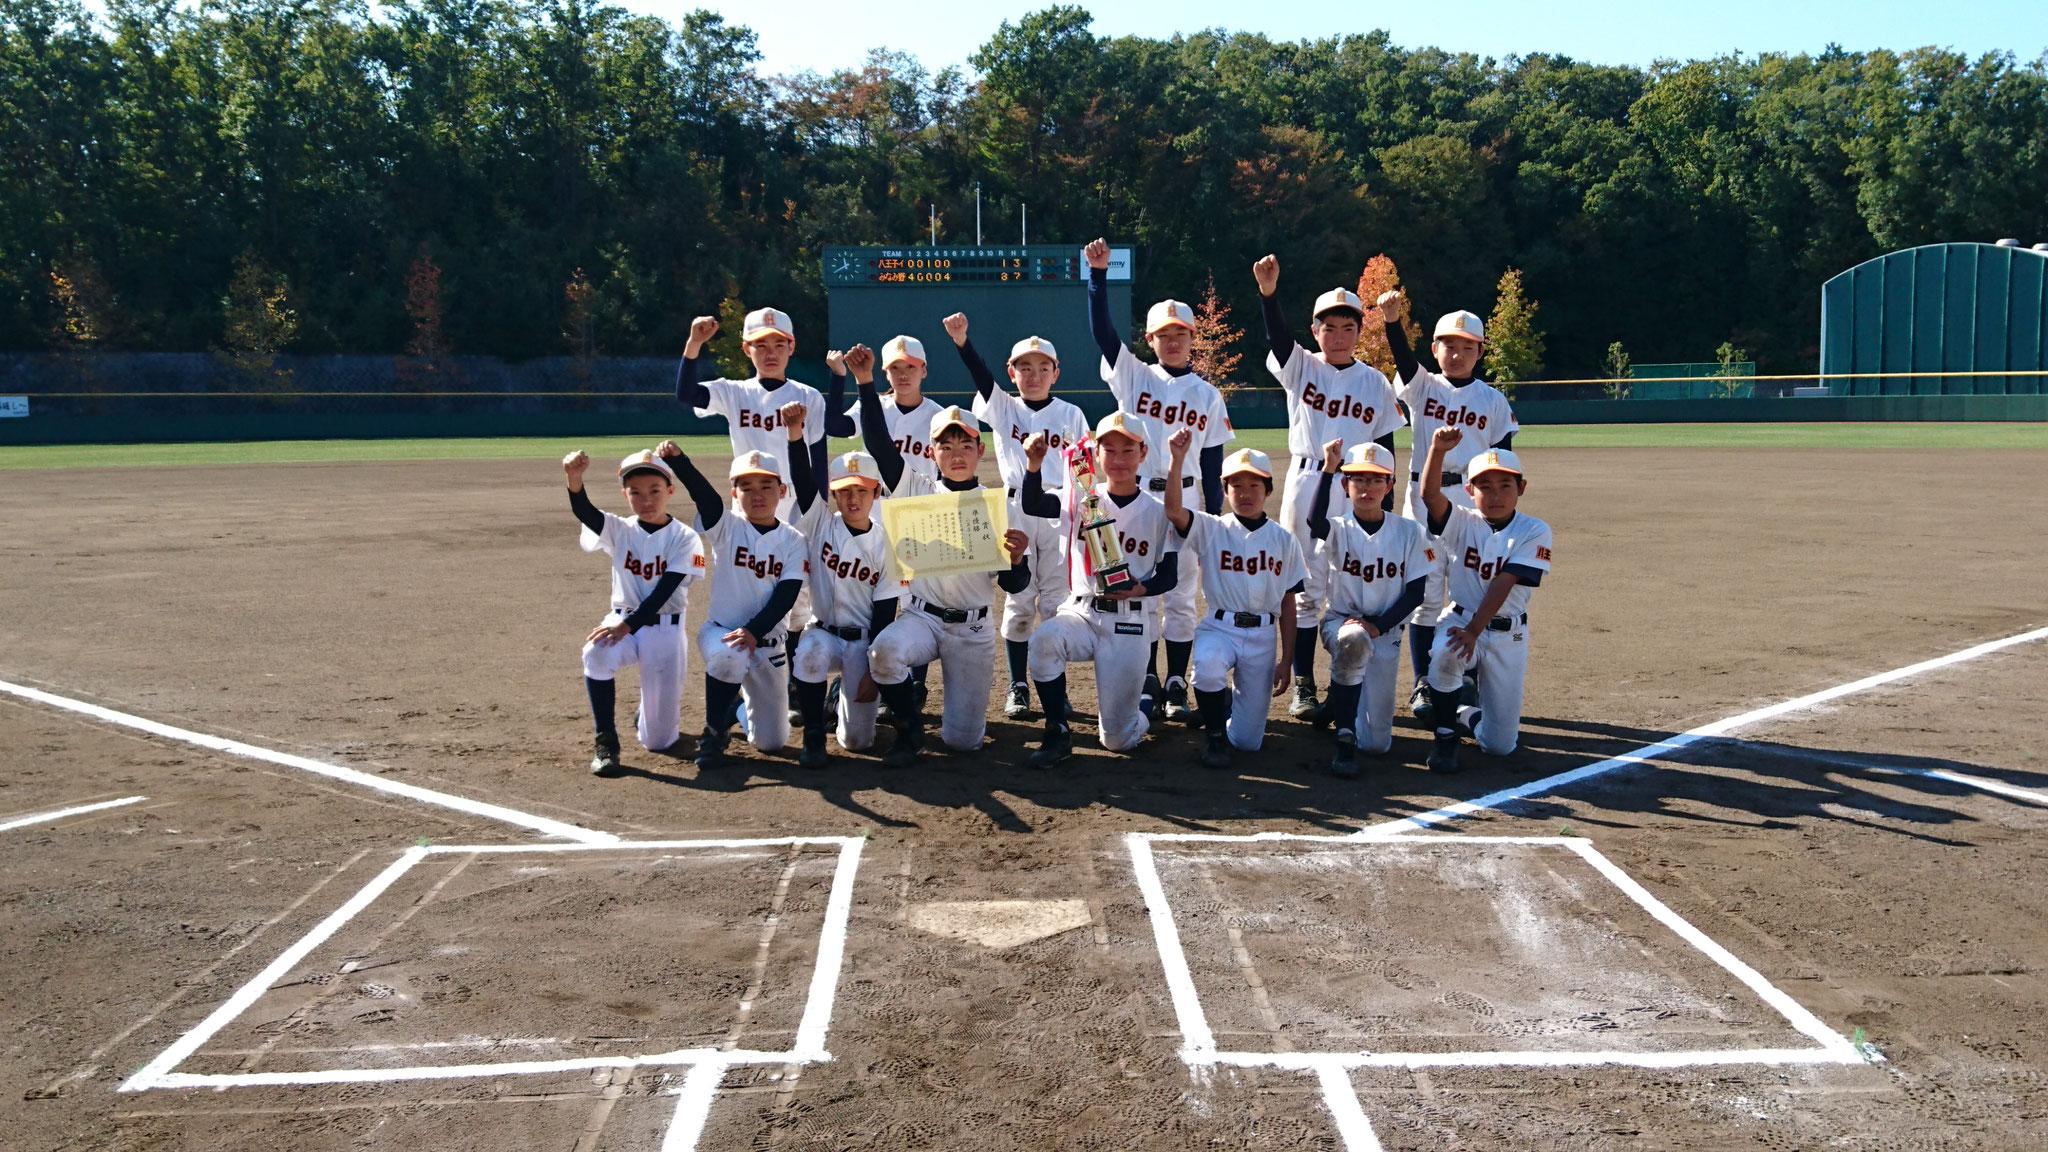 第33回 八王子市少年軟式野球 選手権大会 準優勝 八王子イーグルス 令和元年11月10日